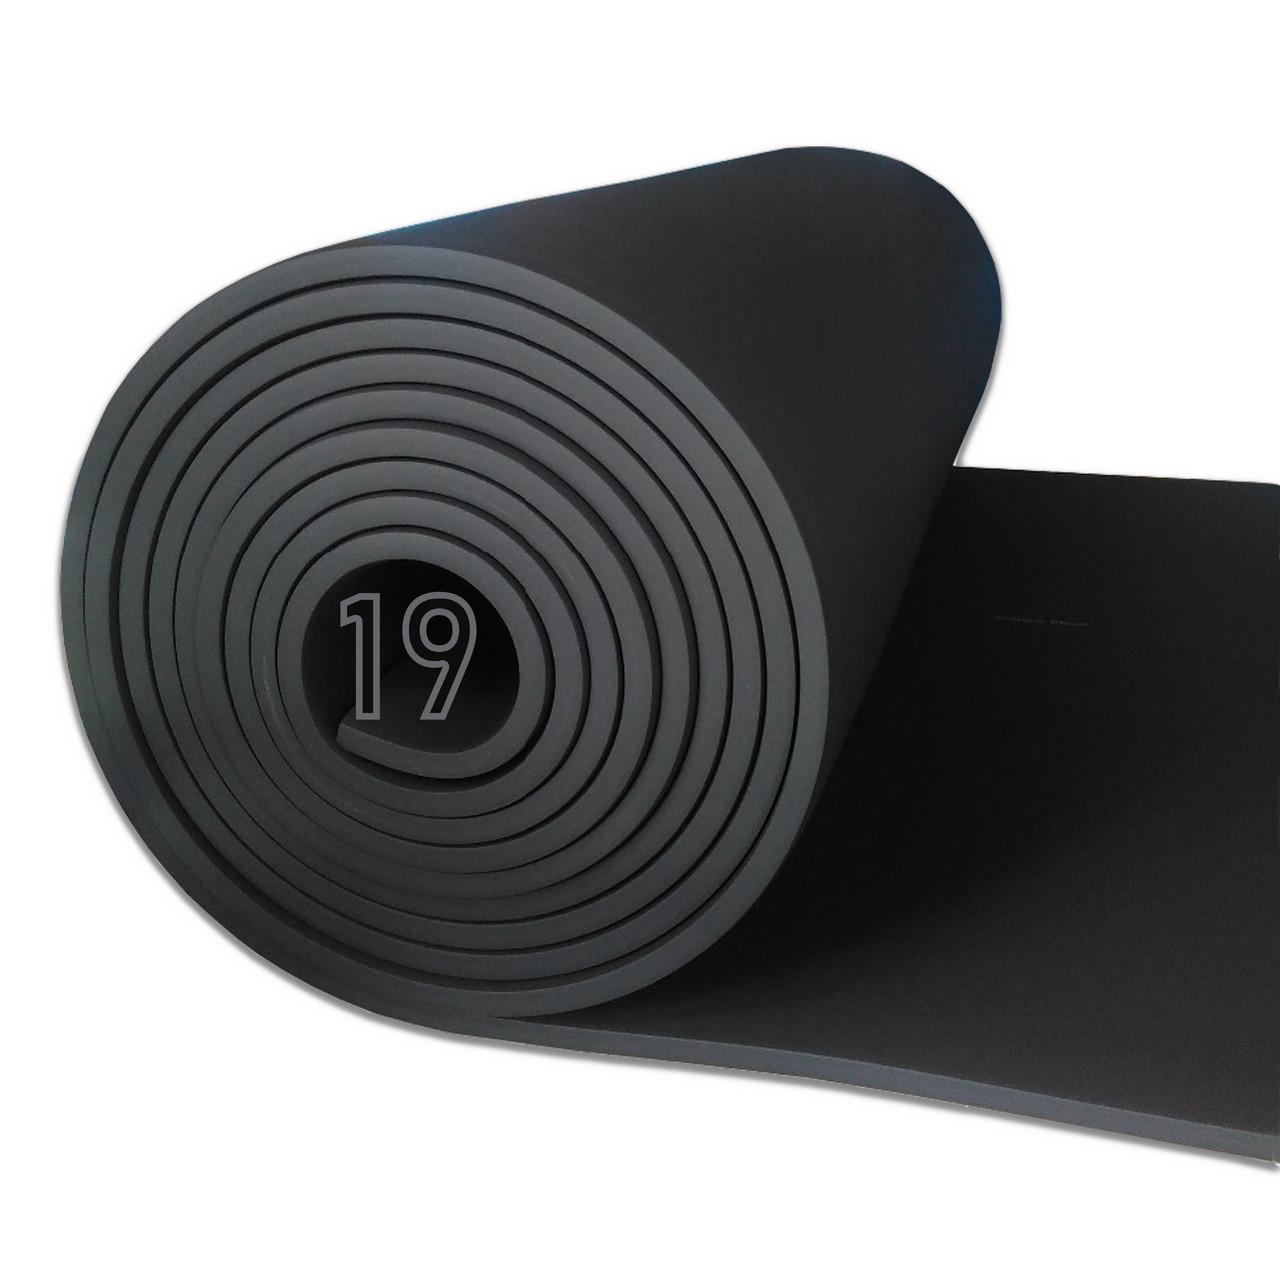 Вспененный каучук 19 мм (утеплитель, шумоизоляция)